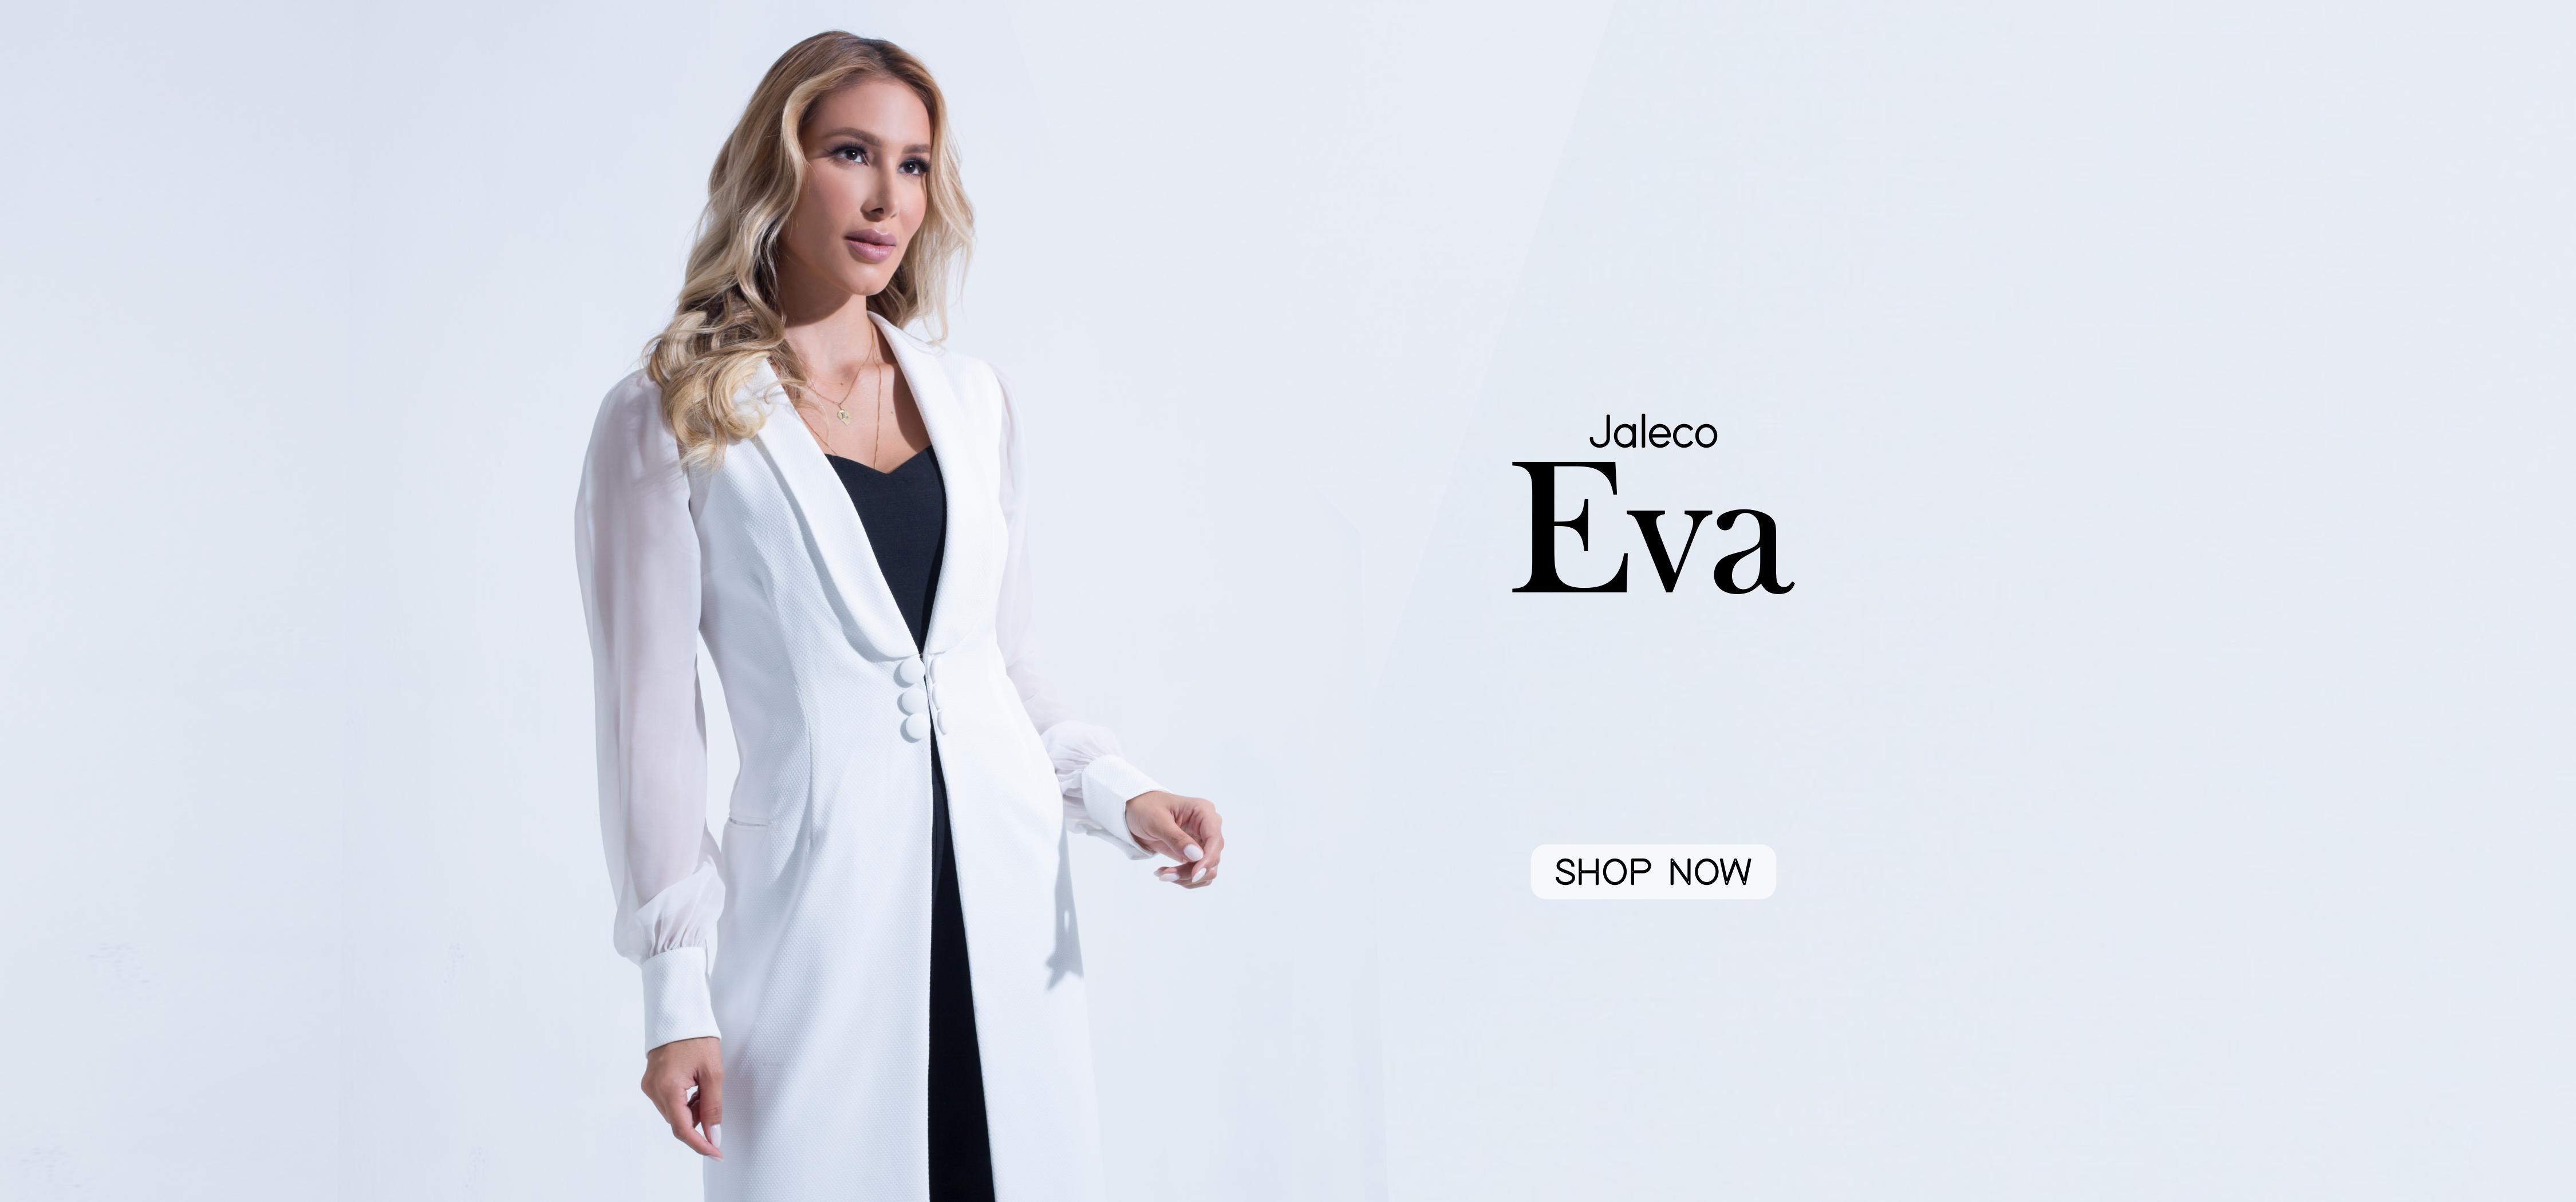 https://www.jalecochic.com.br/lancamentos/jaleco-feminino-eva